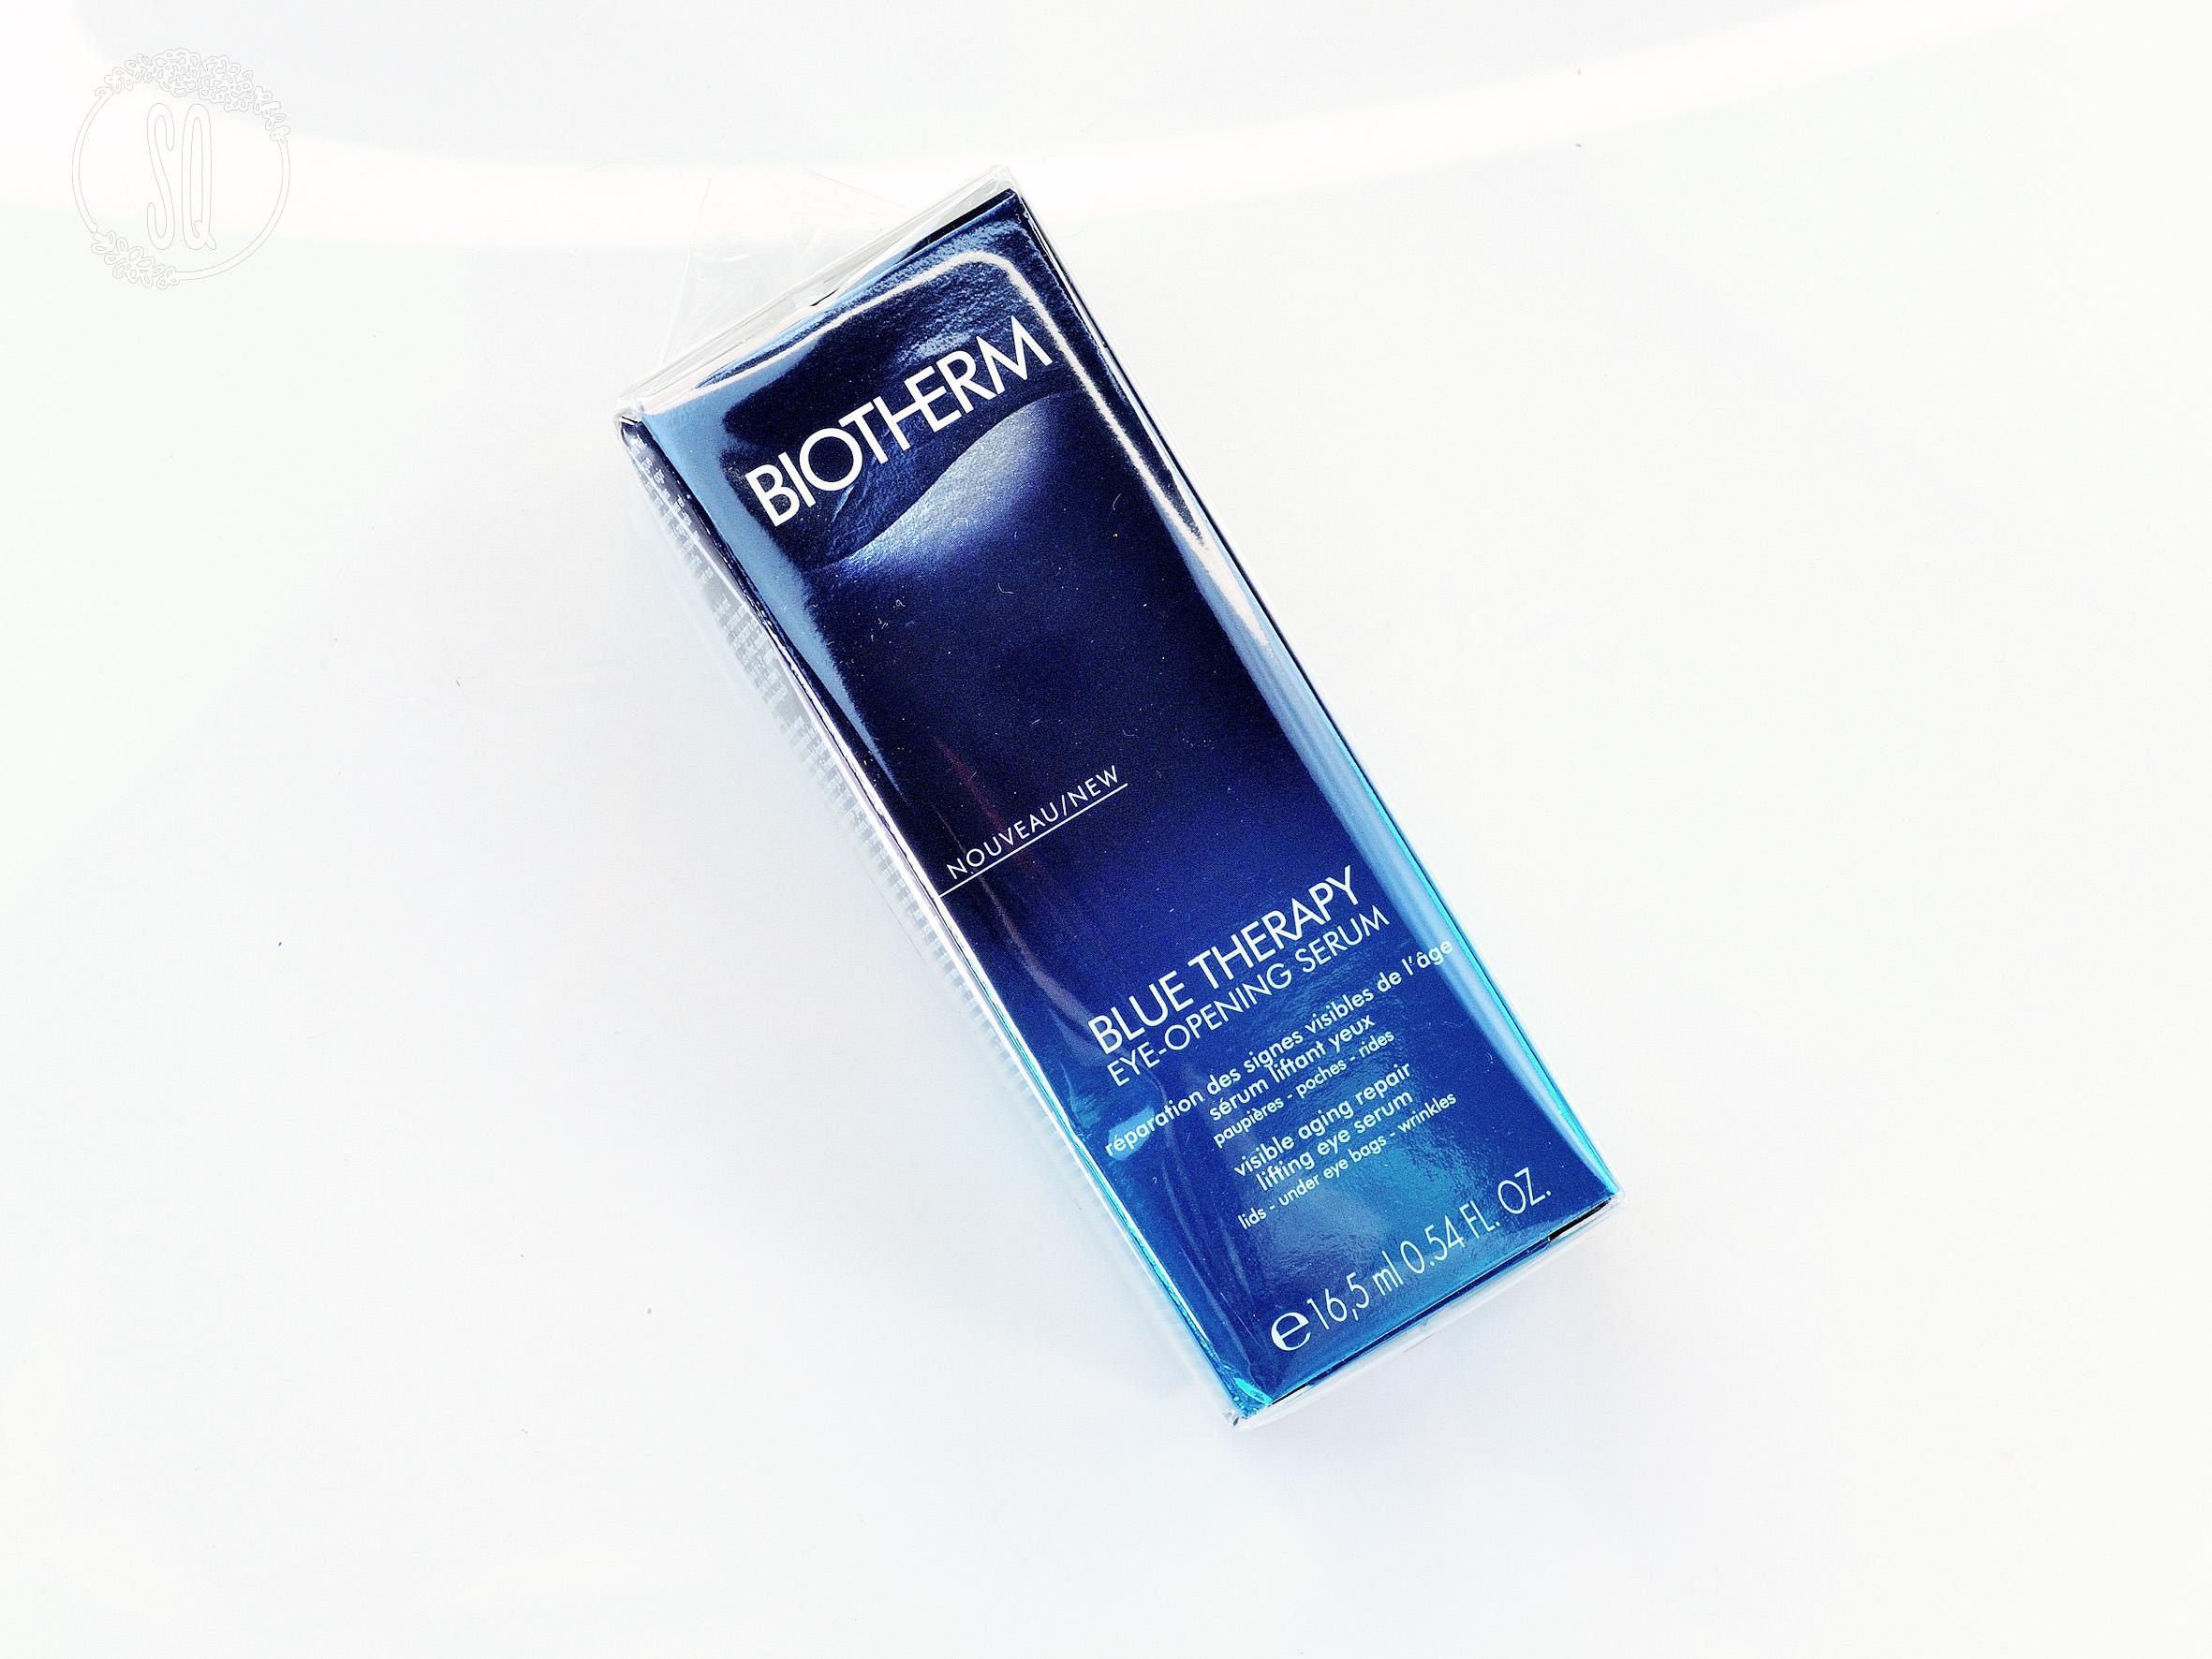 Serum para el contorno de ojos Blue Therapy de Biotherm